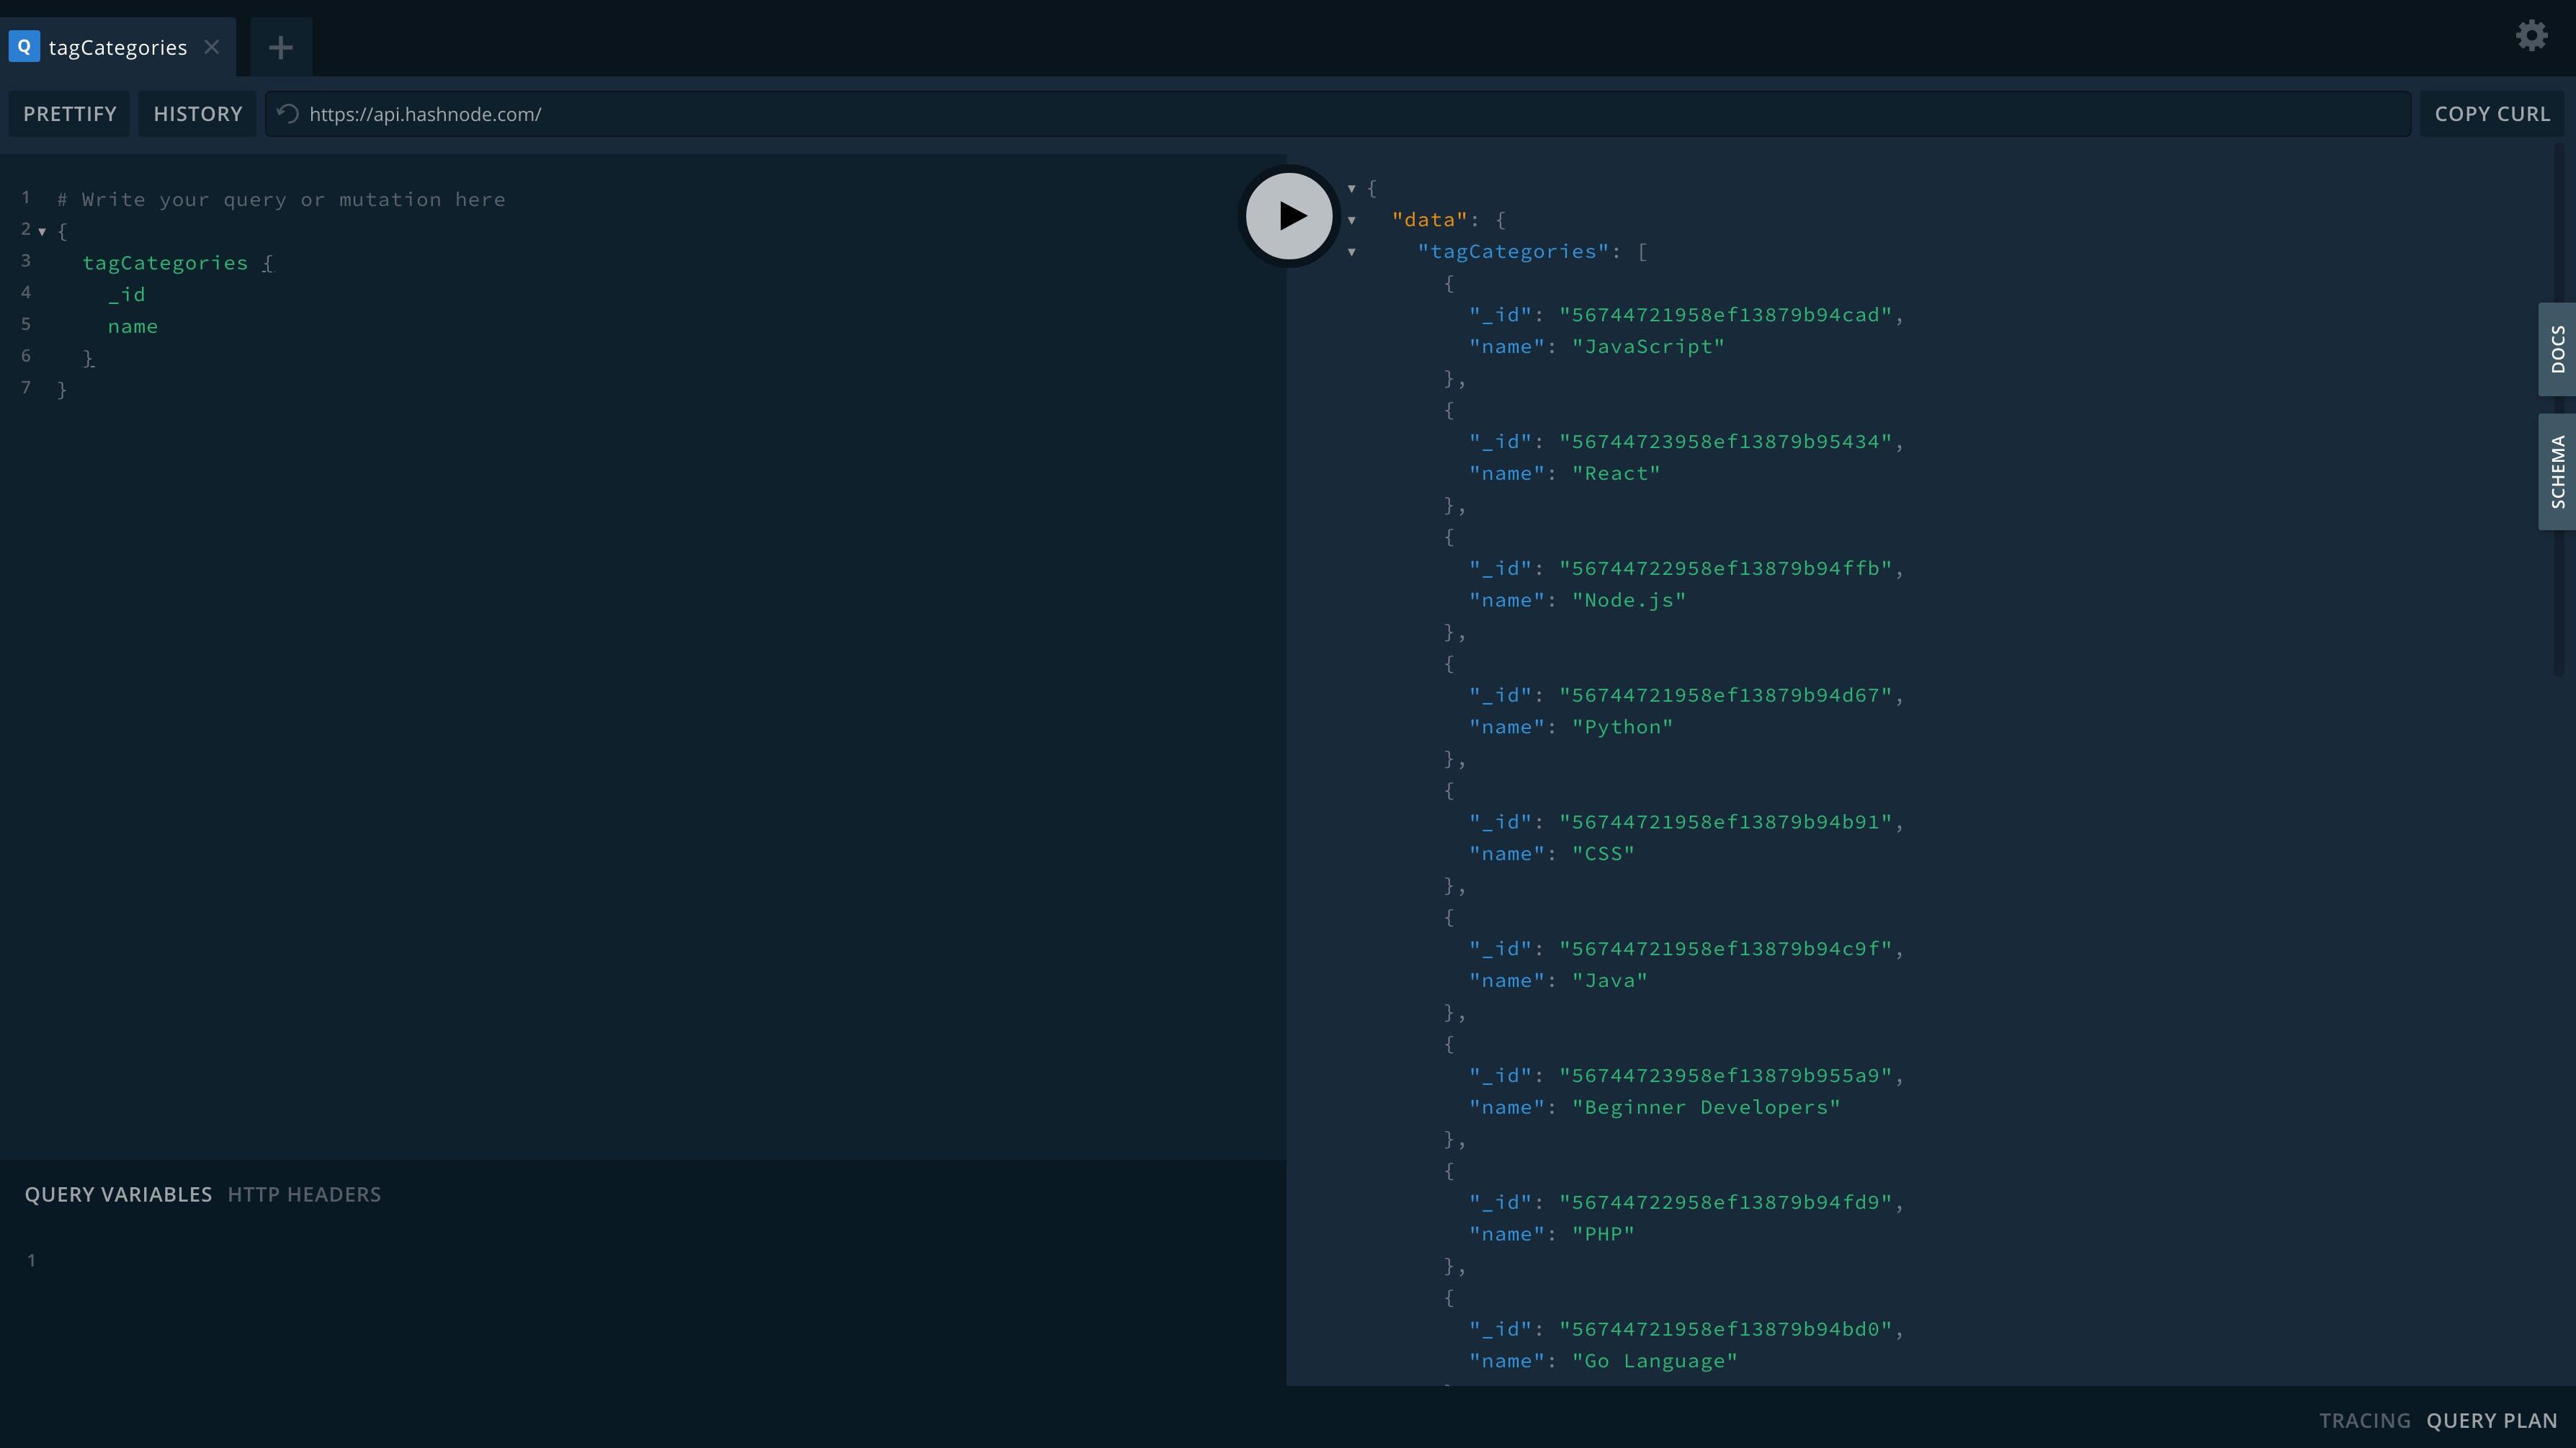 Screen Shot of Hashnode API playground